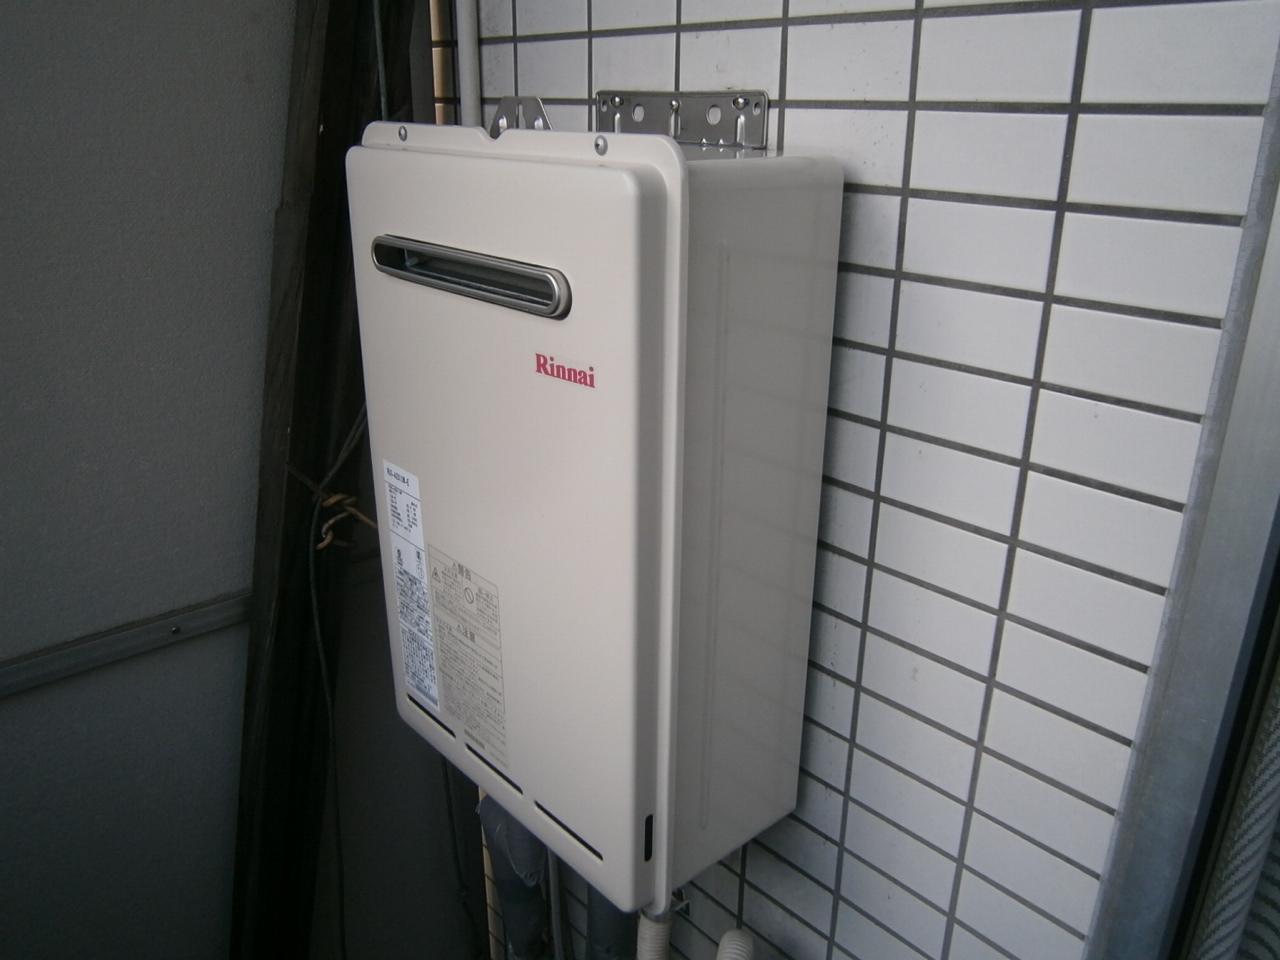 リンナイ RUX-A2010W-E 13A